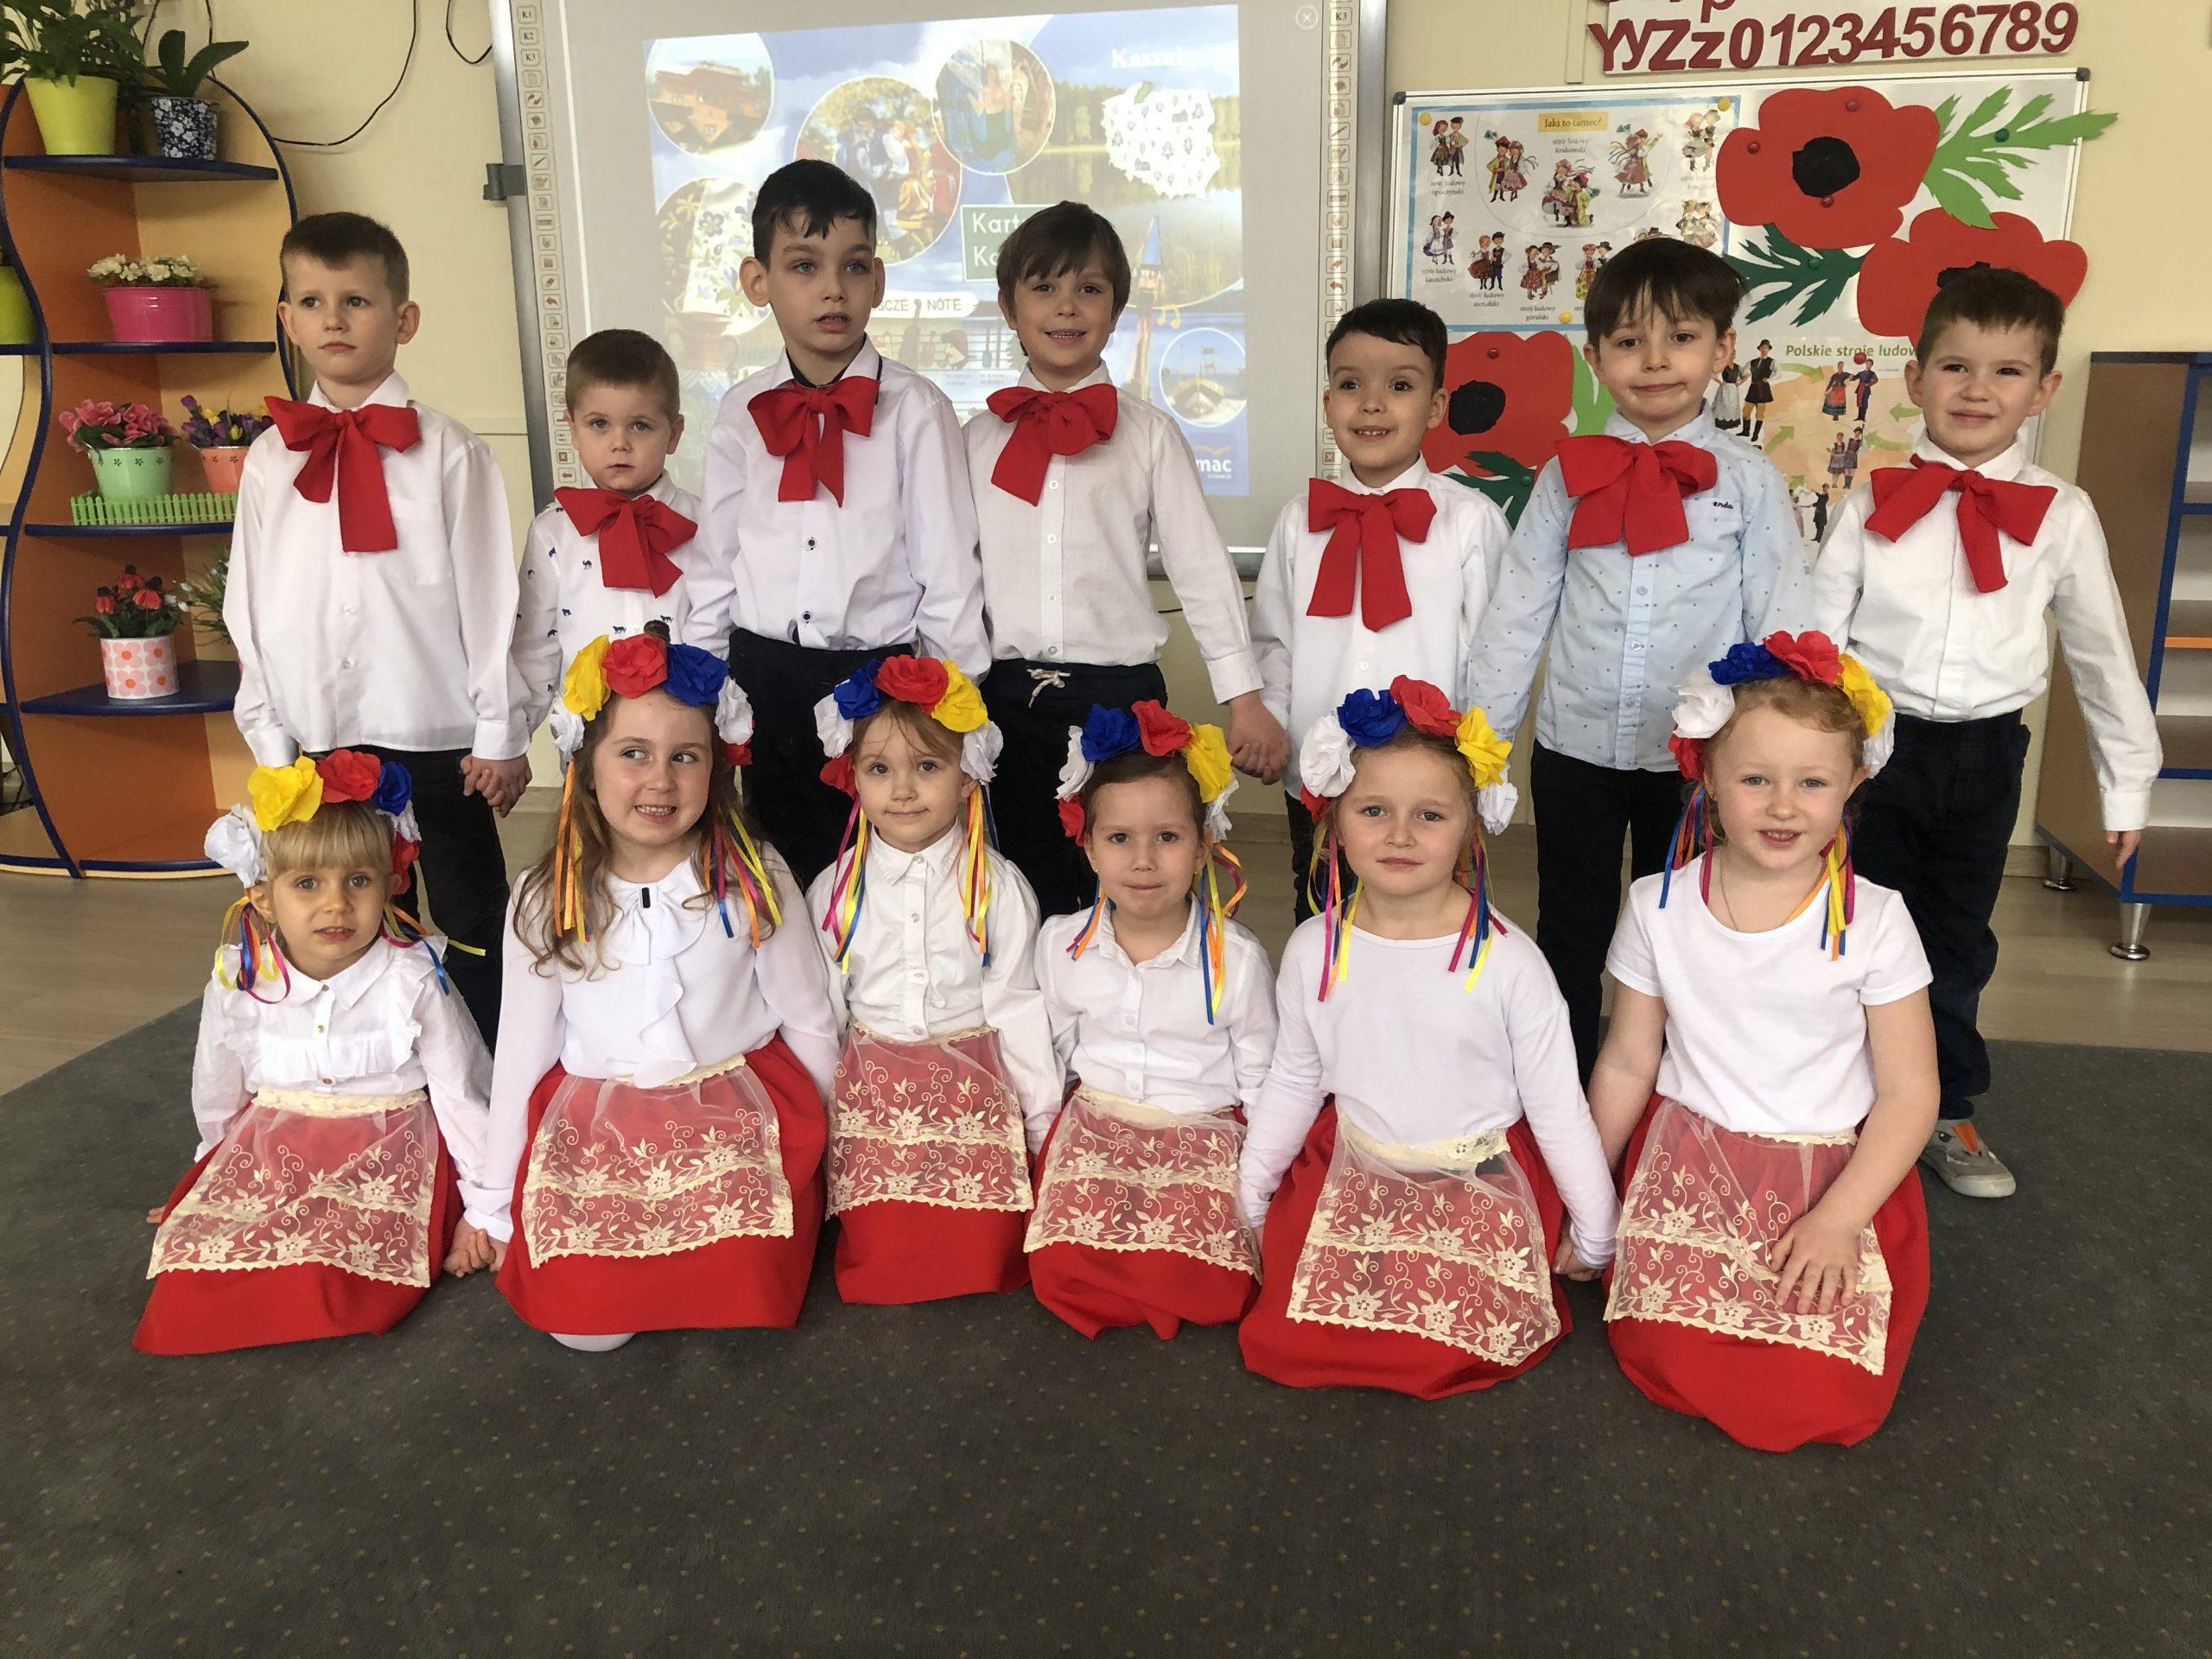 Grupa dzieci pozująca do zdjęcia w sali przedszkolnej, w dwóch rzędach. W pierwszym rzędzie dziewczynki mają na głowach kolorowe wianki. Chłopcyi stojacy w drugim rzędzie mają pod szyją czerwone kokardy.